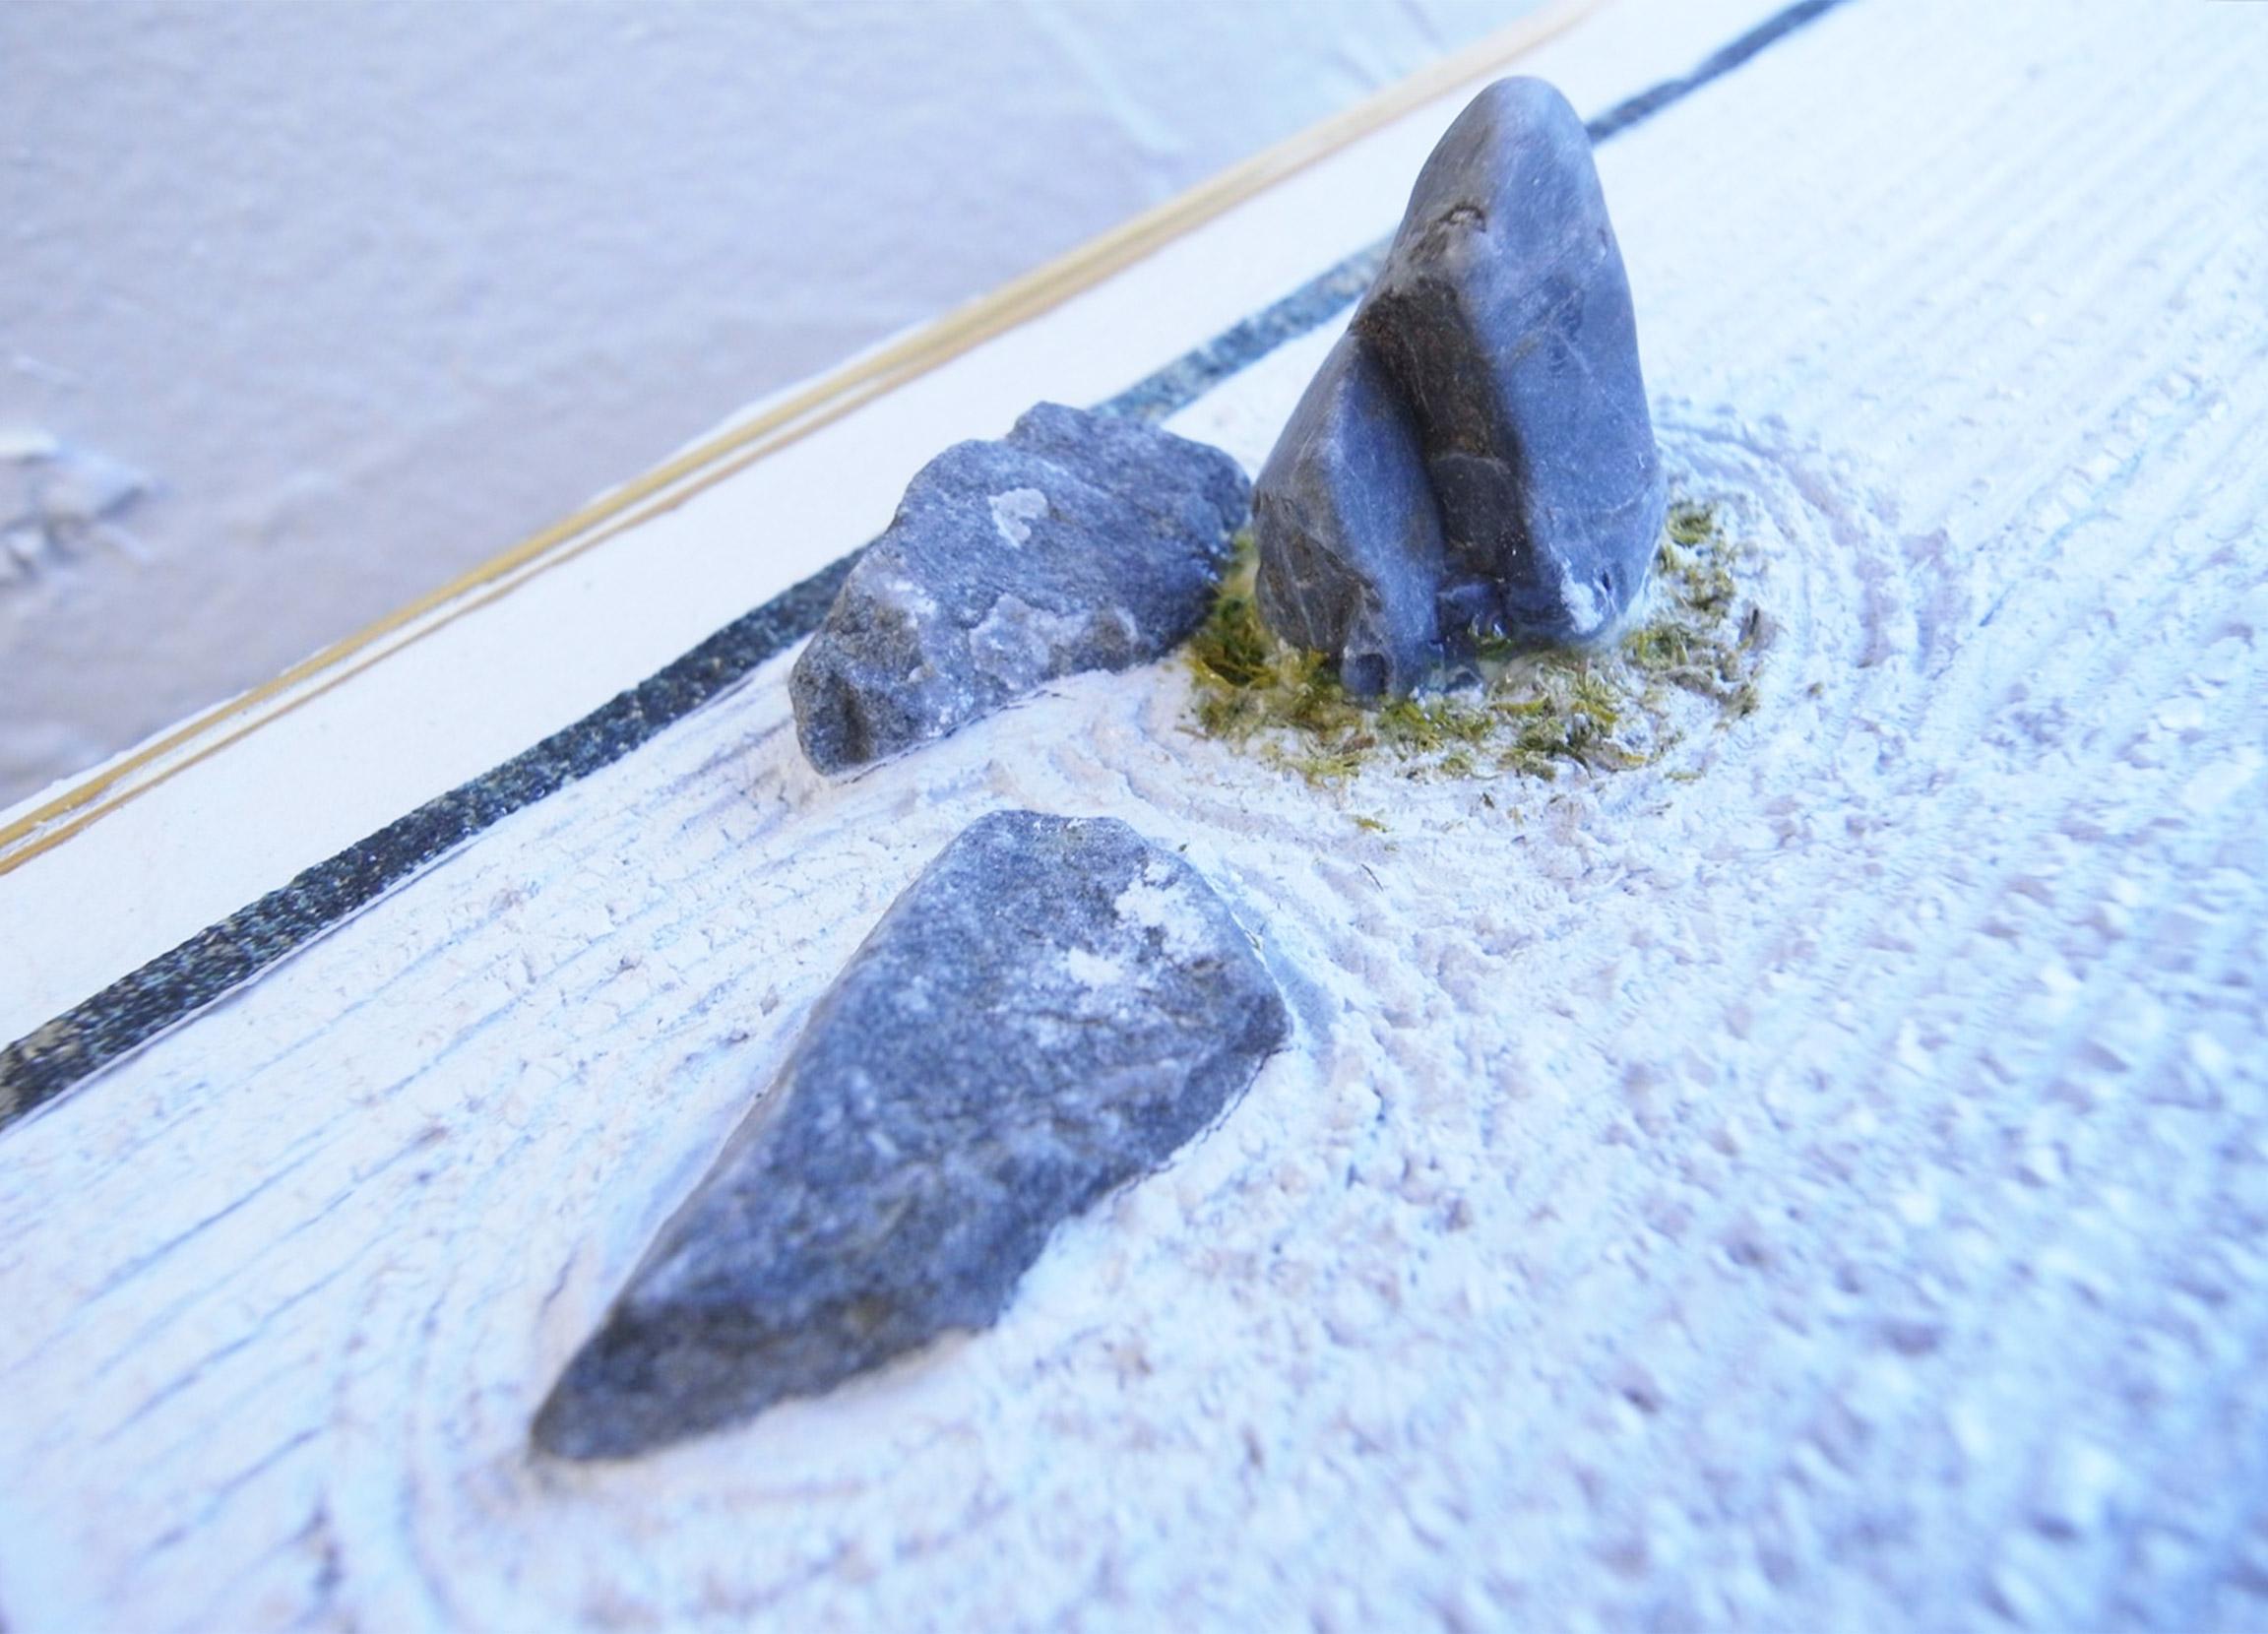 弐のツボ立てる石に永遠の時間を感じる